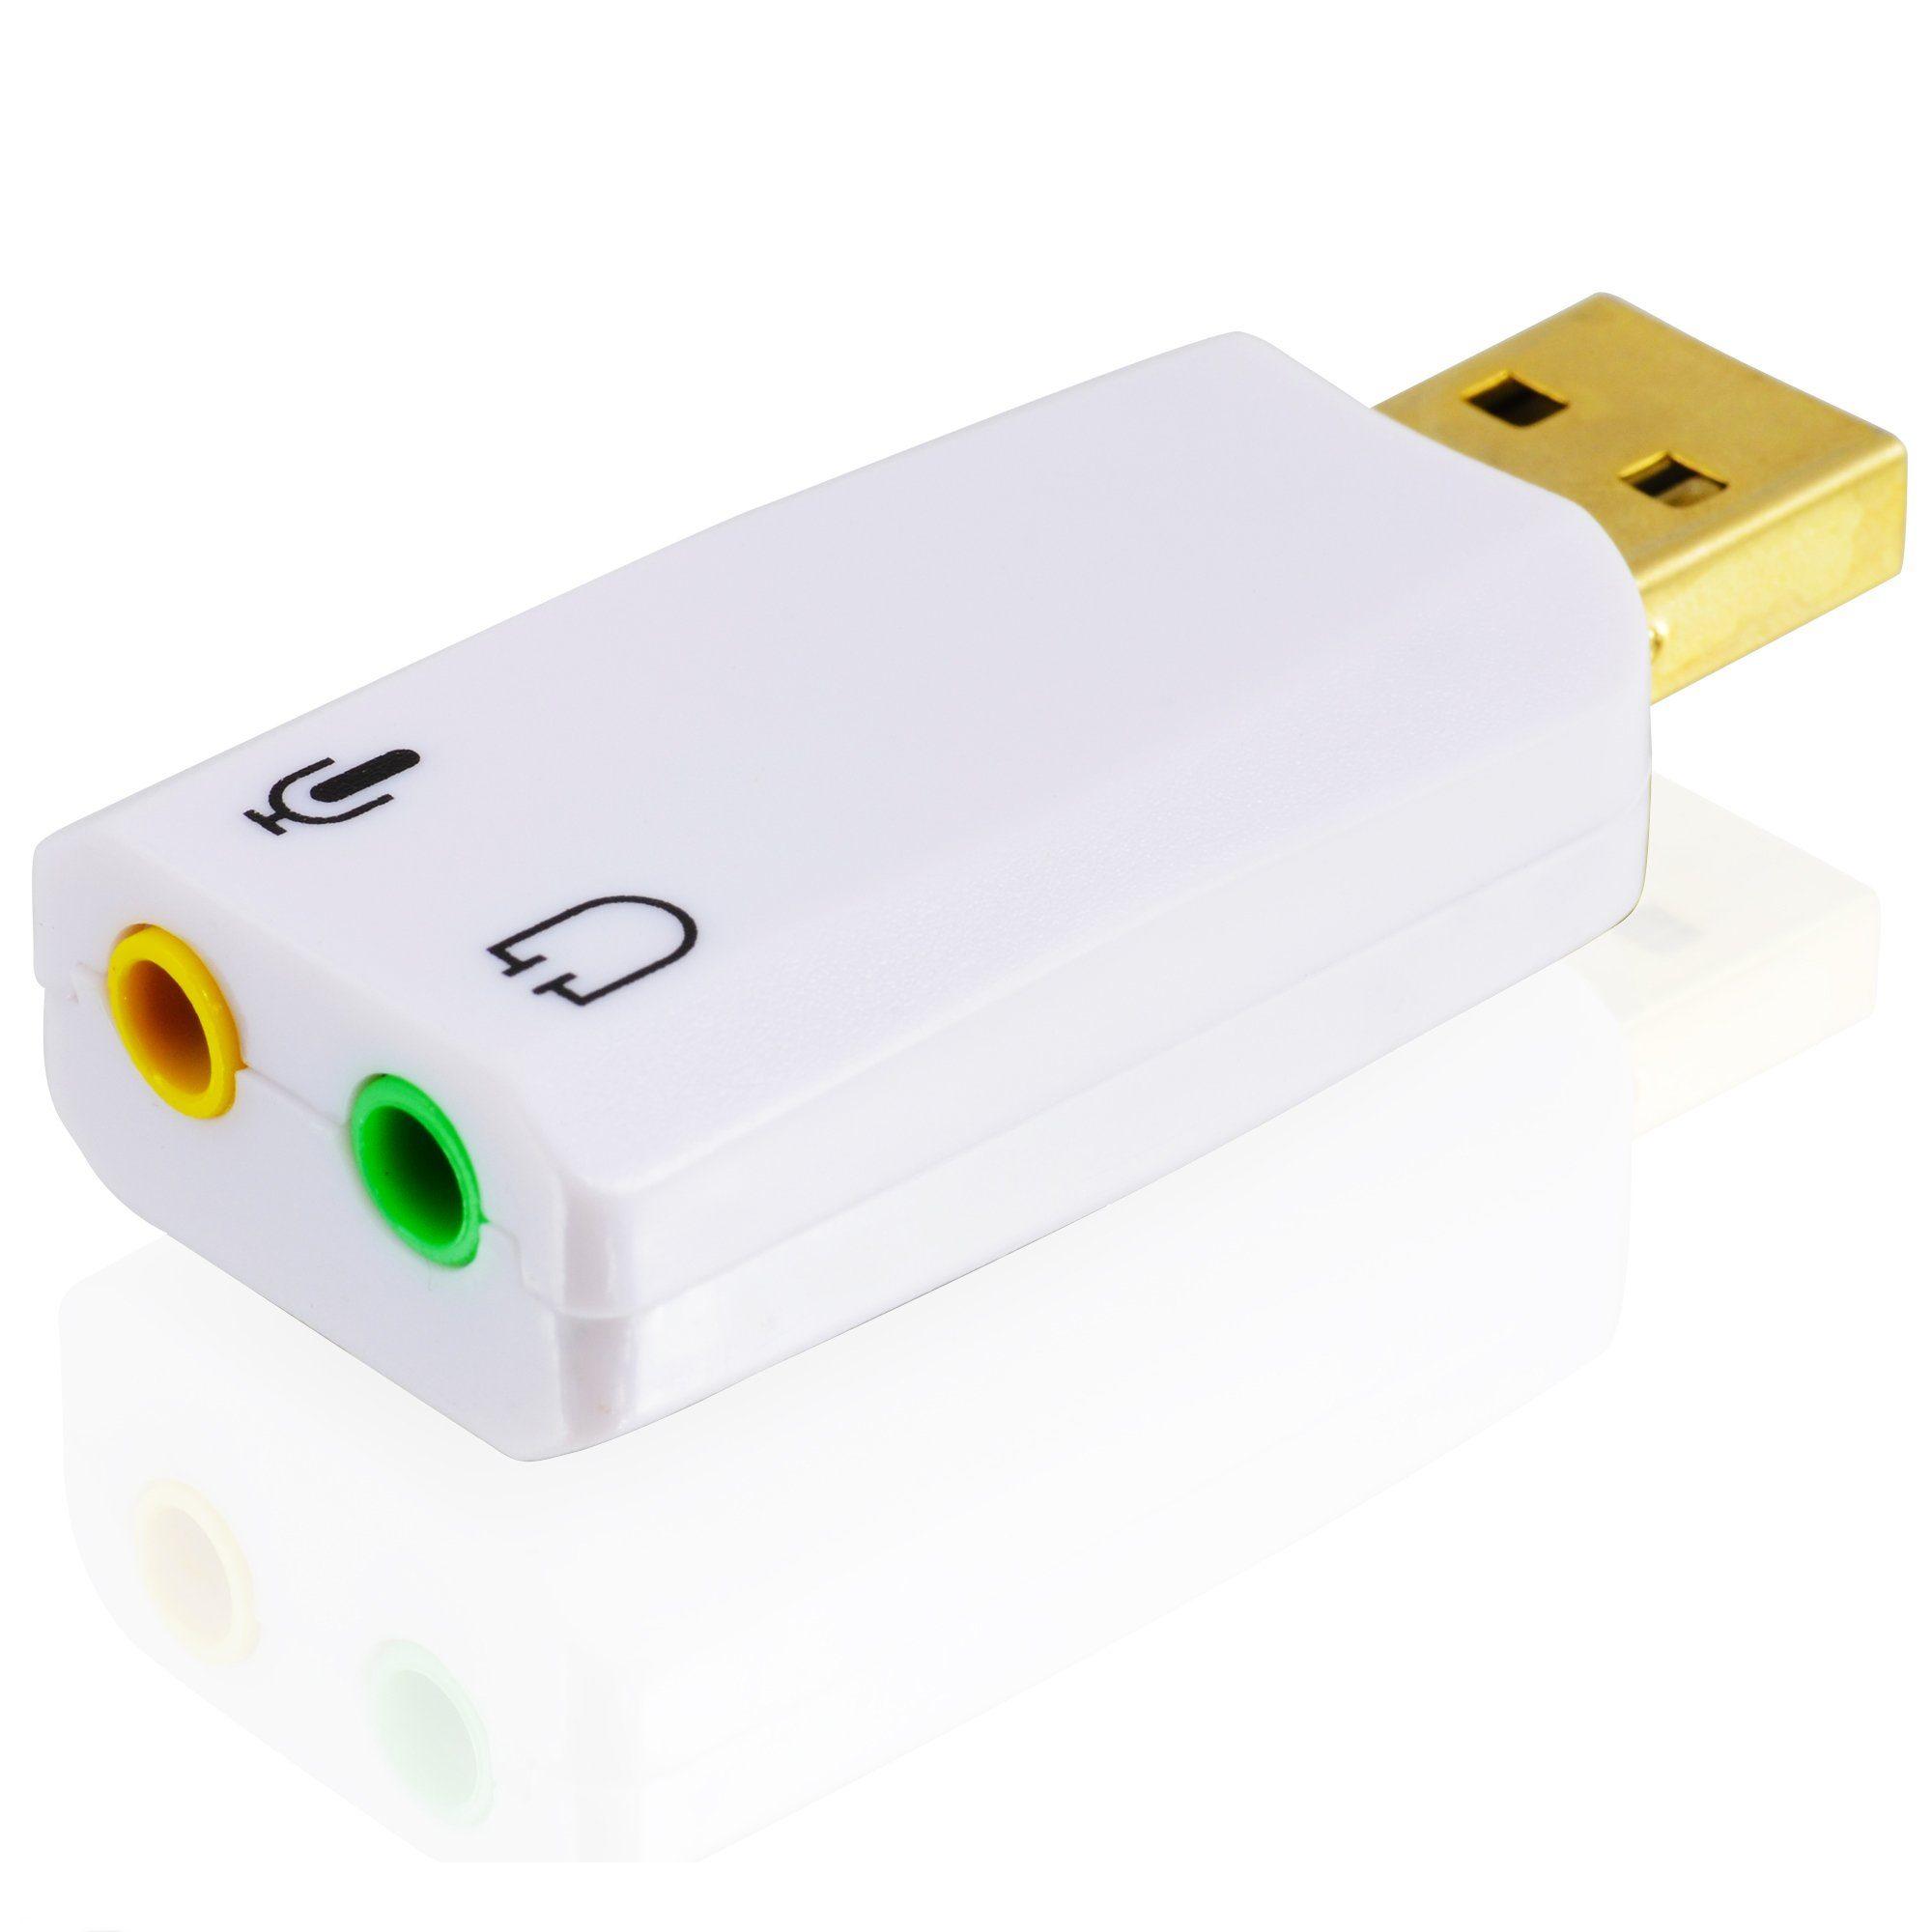 CSL Externe USB Soundkarte mit 5.1 Virtual Surround »Line-Out & Mikrofon-In Anschlüsse«